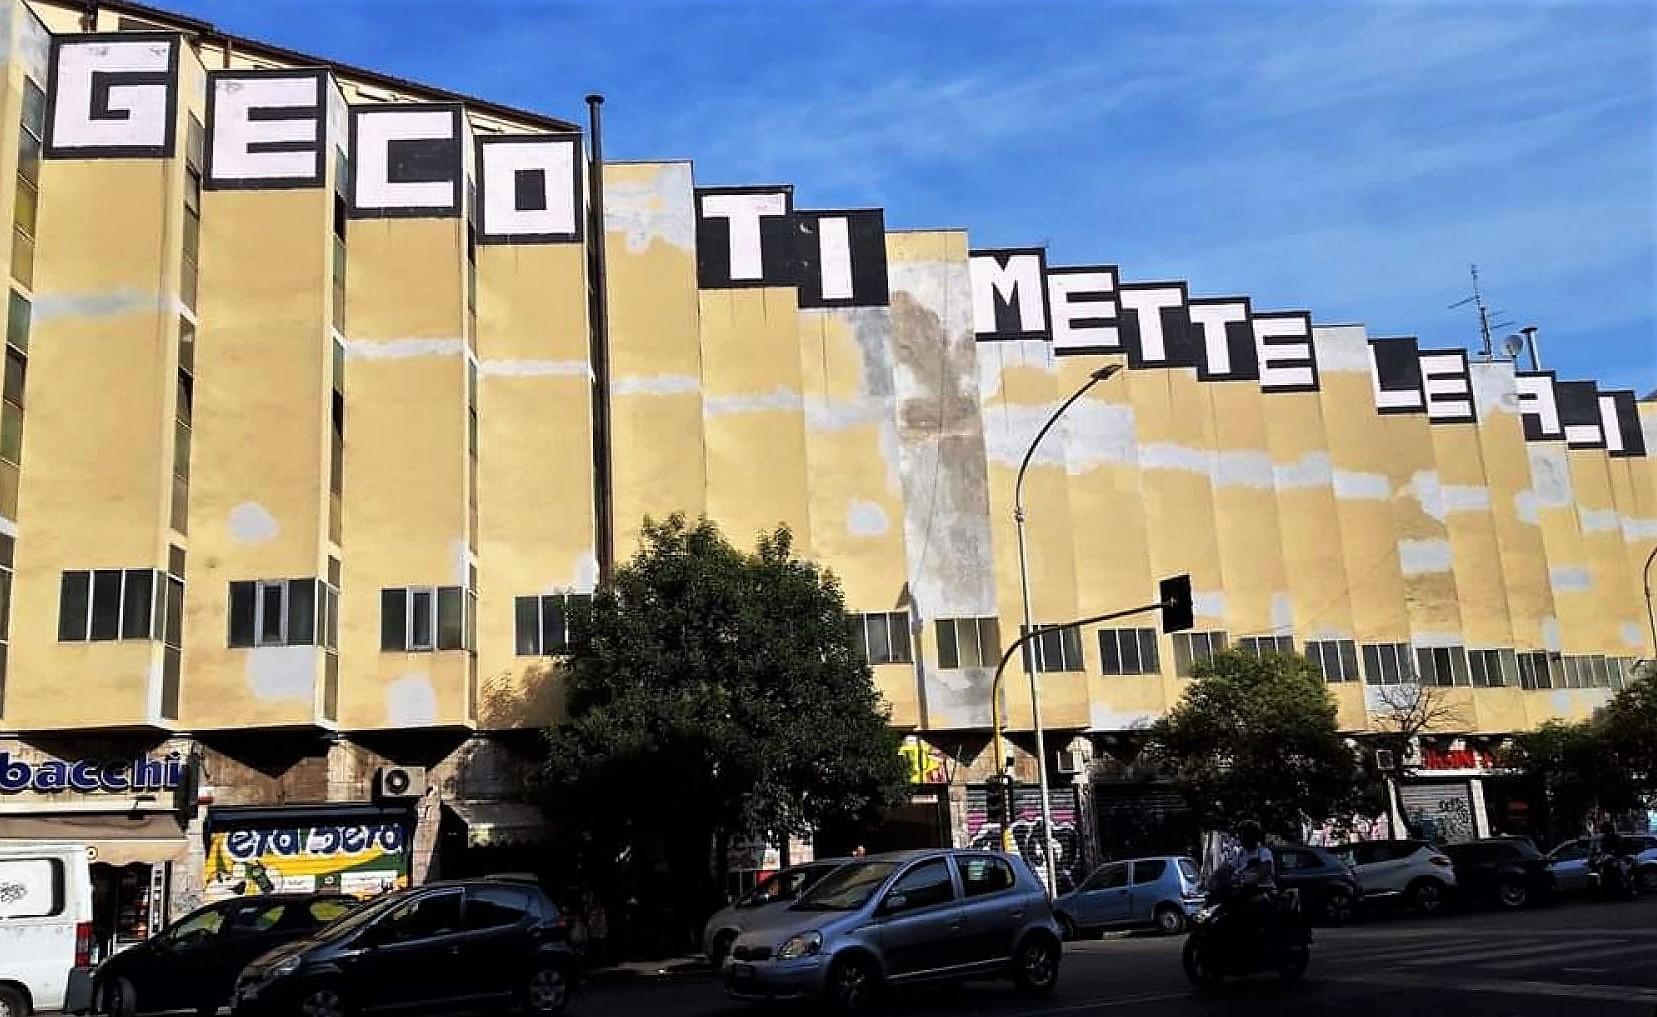 Geco sul Mercato Metronio di Riccardo Morandi